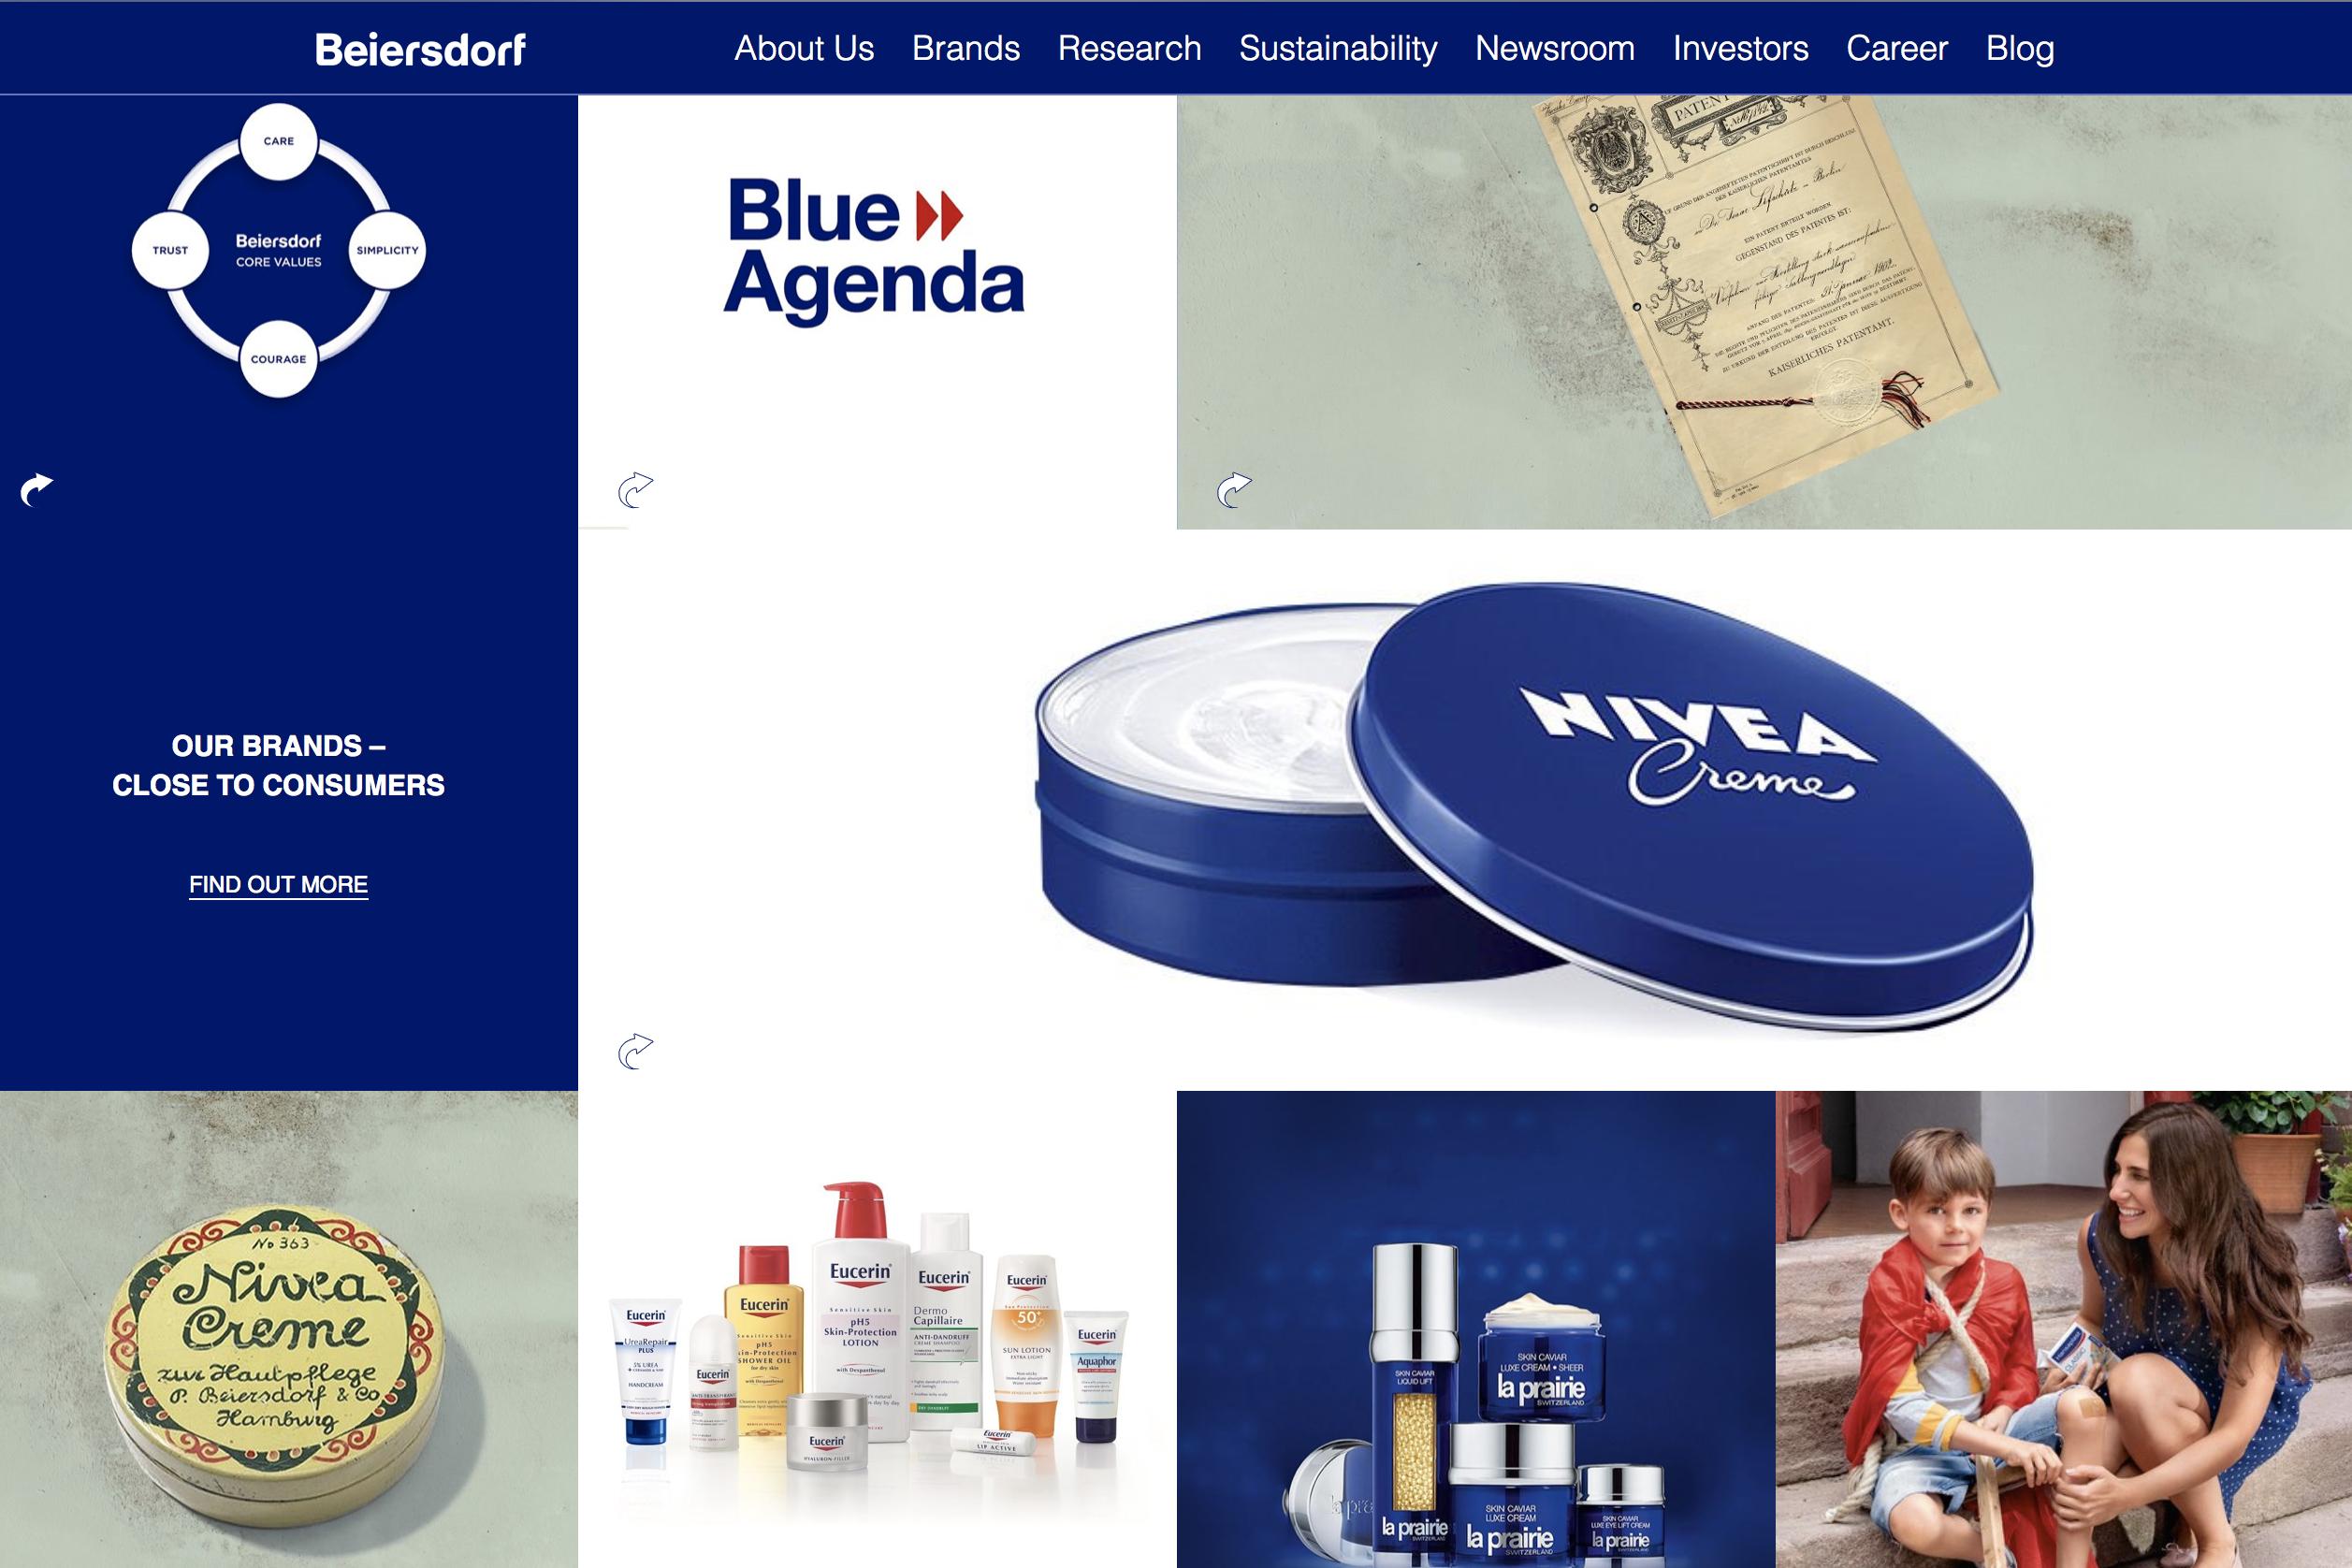 妮维雅复苏,奢华品牌 La Prairie 加速增长,助力德国Beiersdorf集团最新季报超出预期